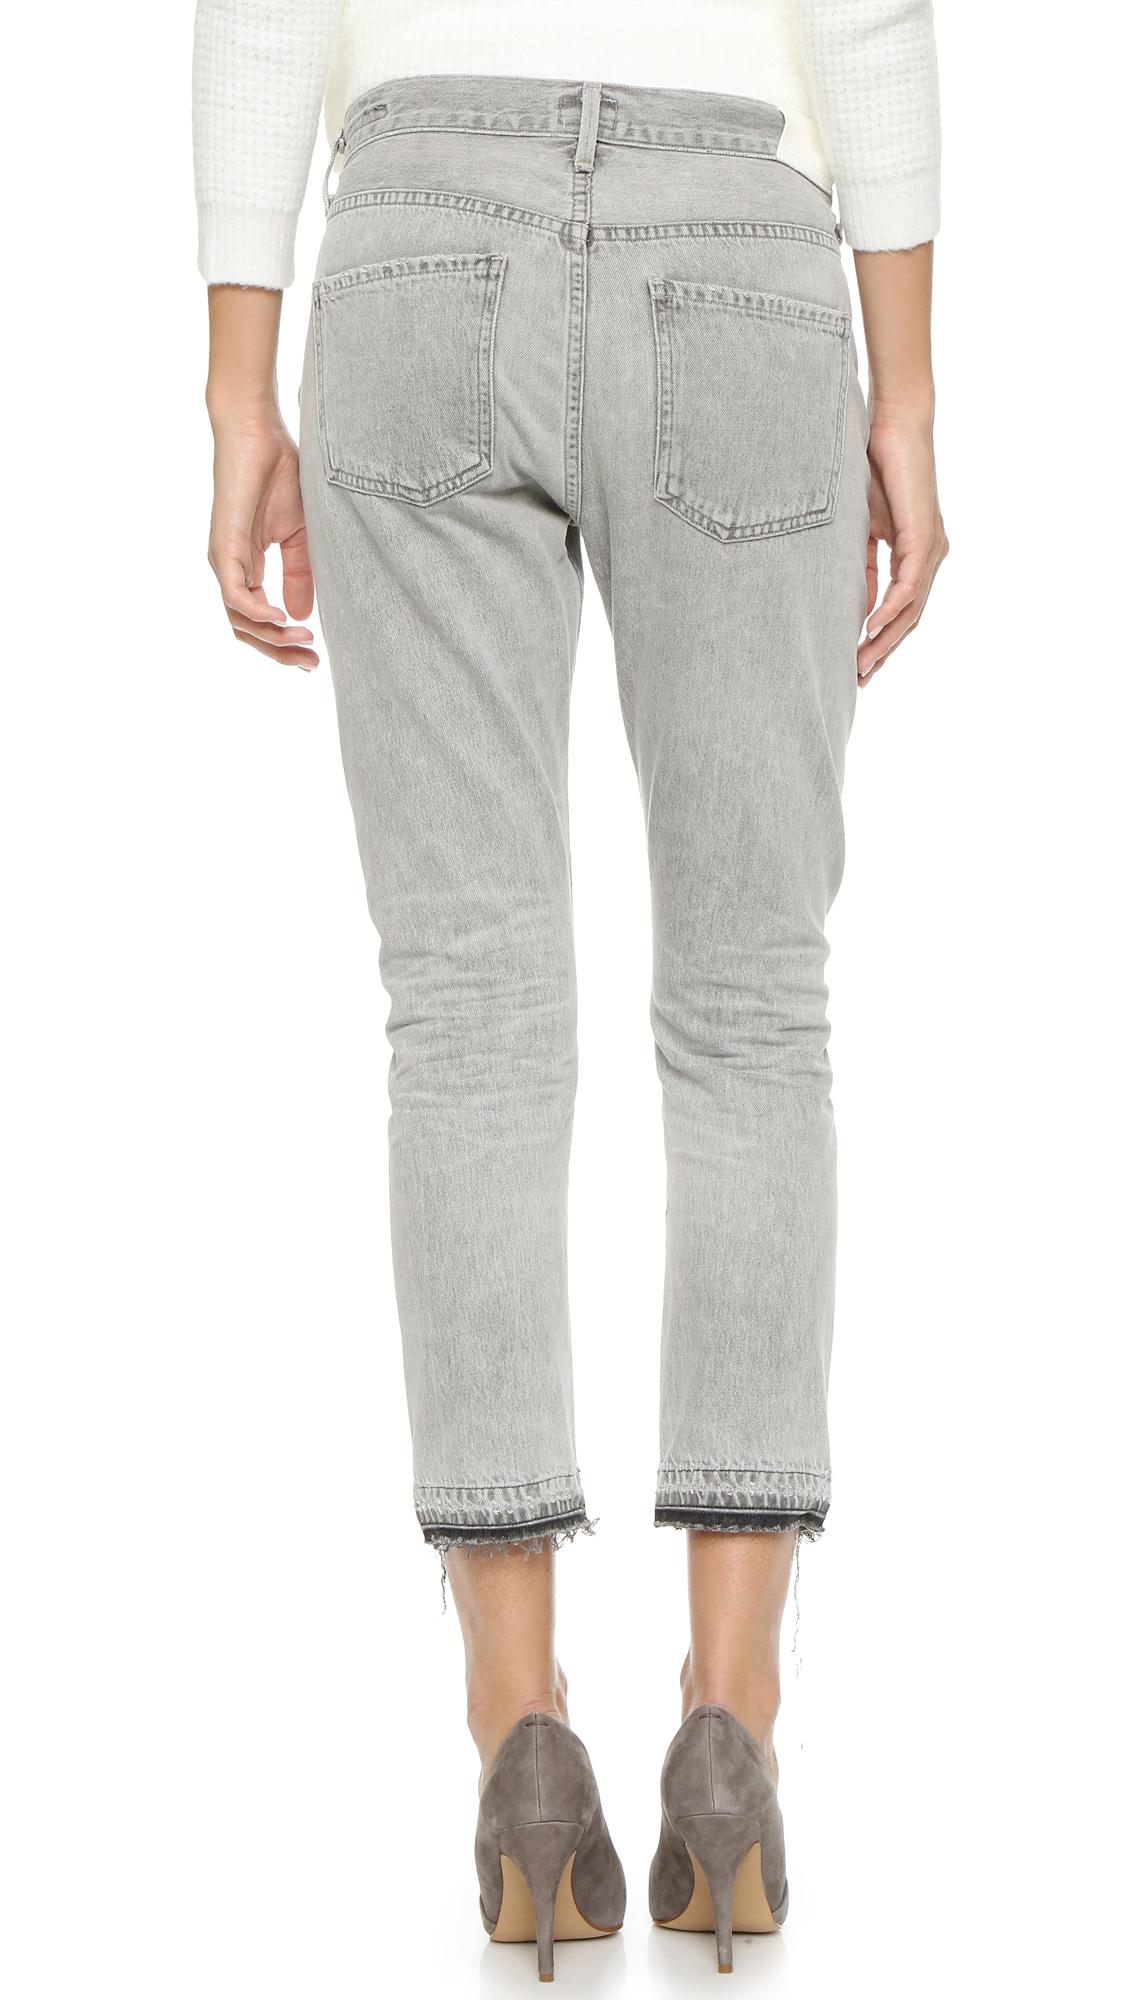 Des Jeans Recadrées - Citoyens Gris De L'humanité YPVnW